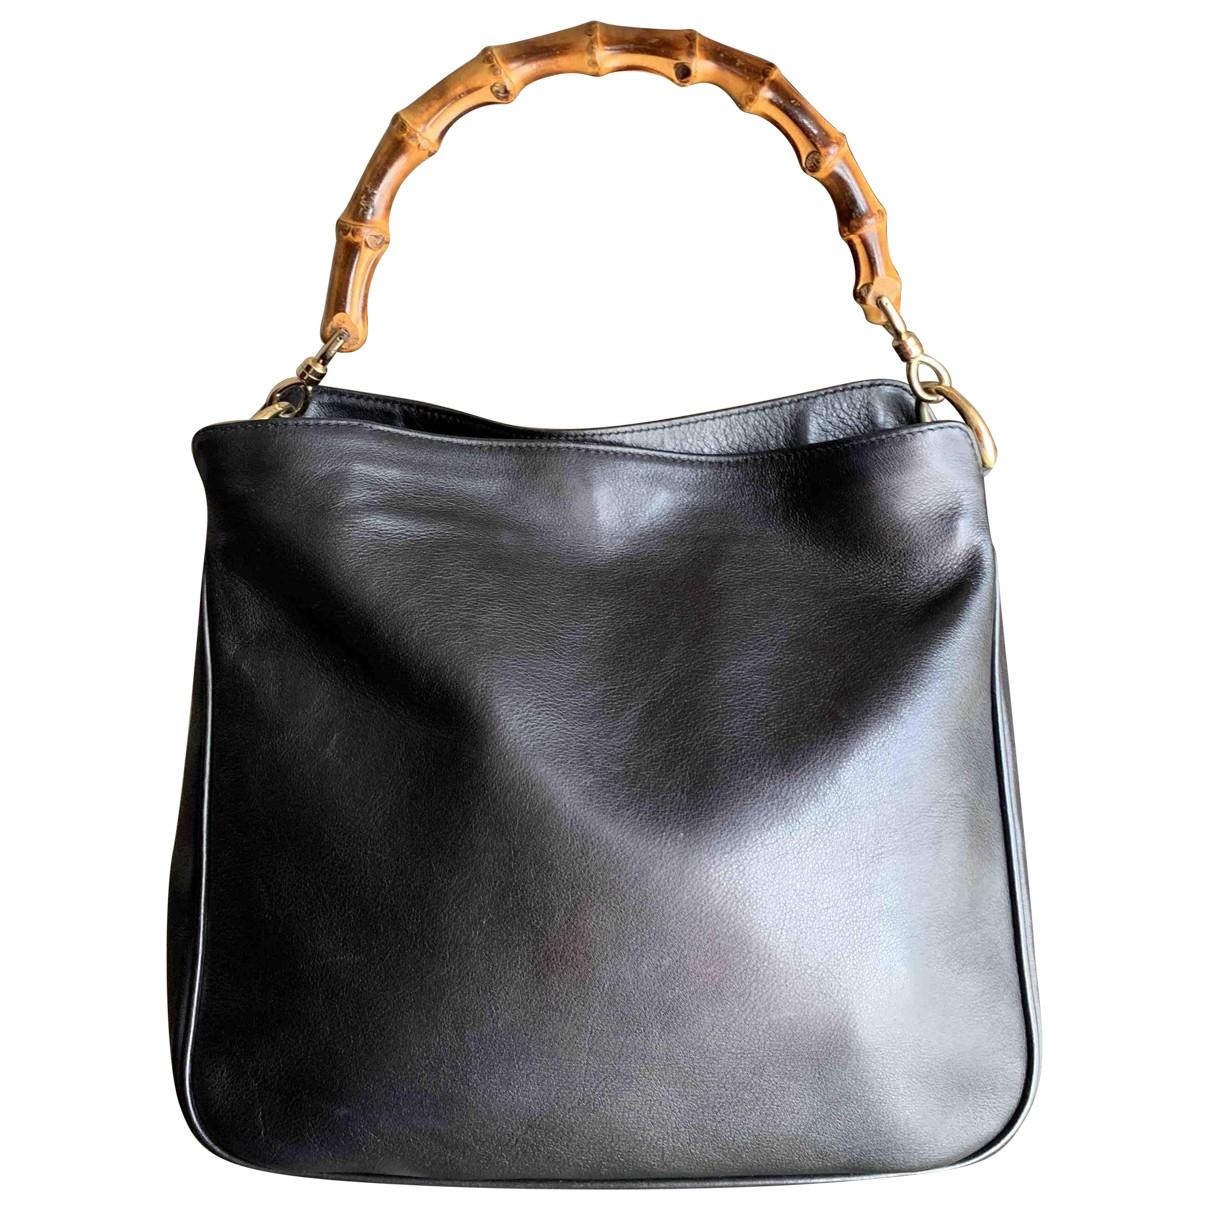 Gucci Bamboo Handtasche in  Schwarz Leder